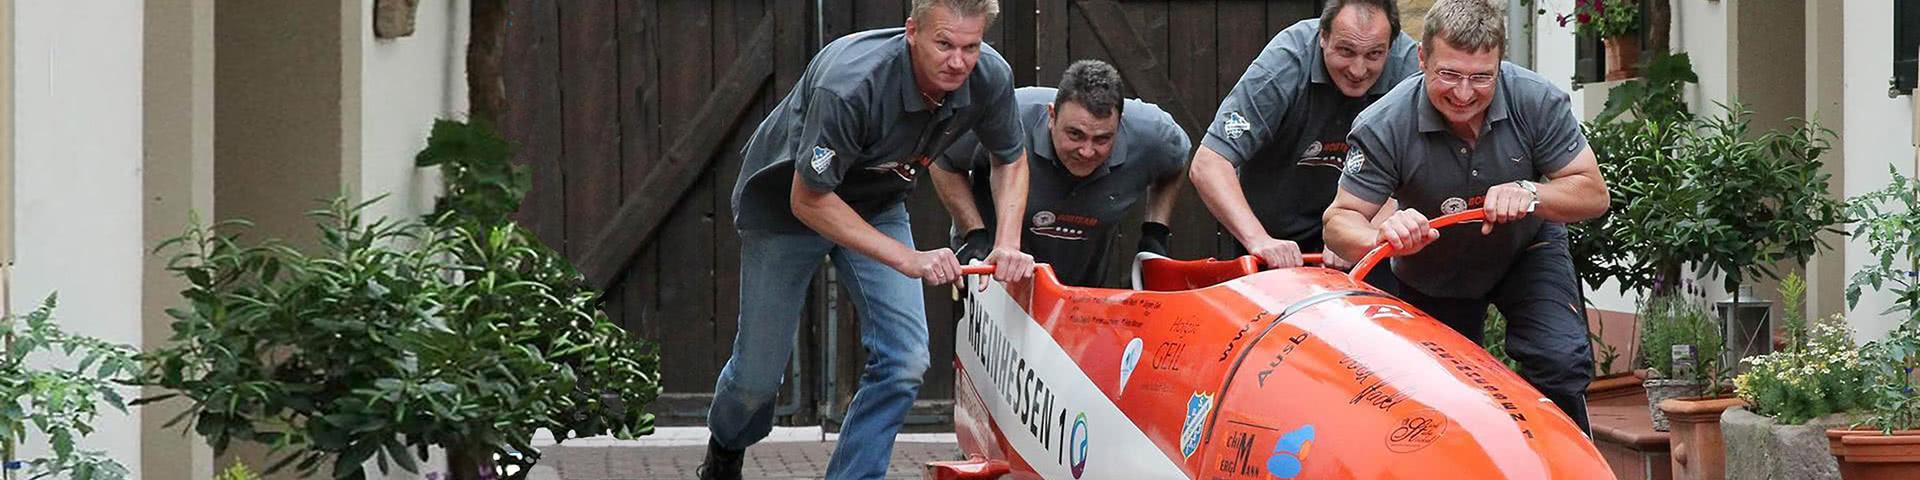 Vier Männer schieben einen Sommerbob in Winterberg